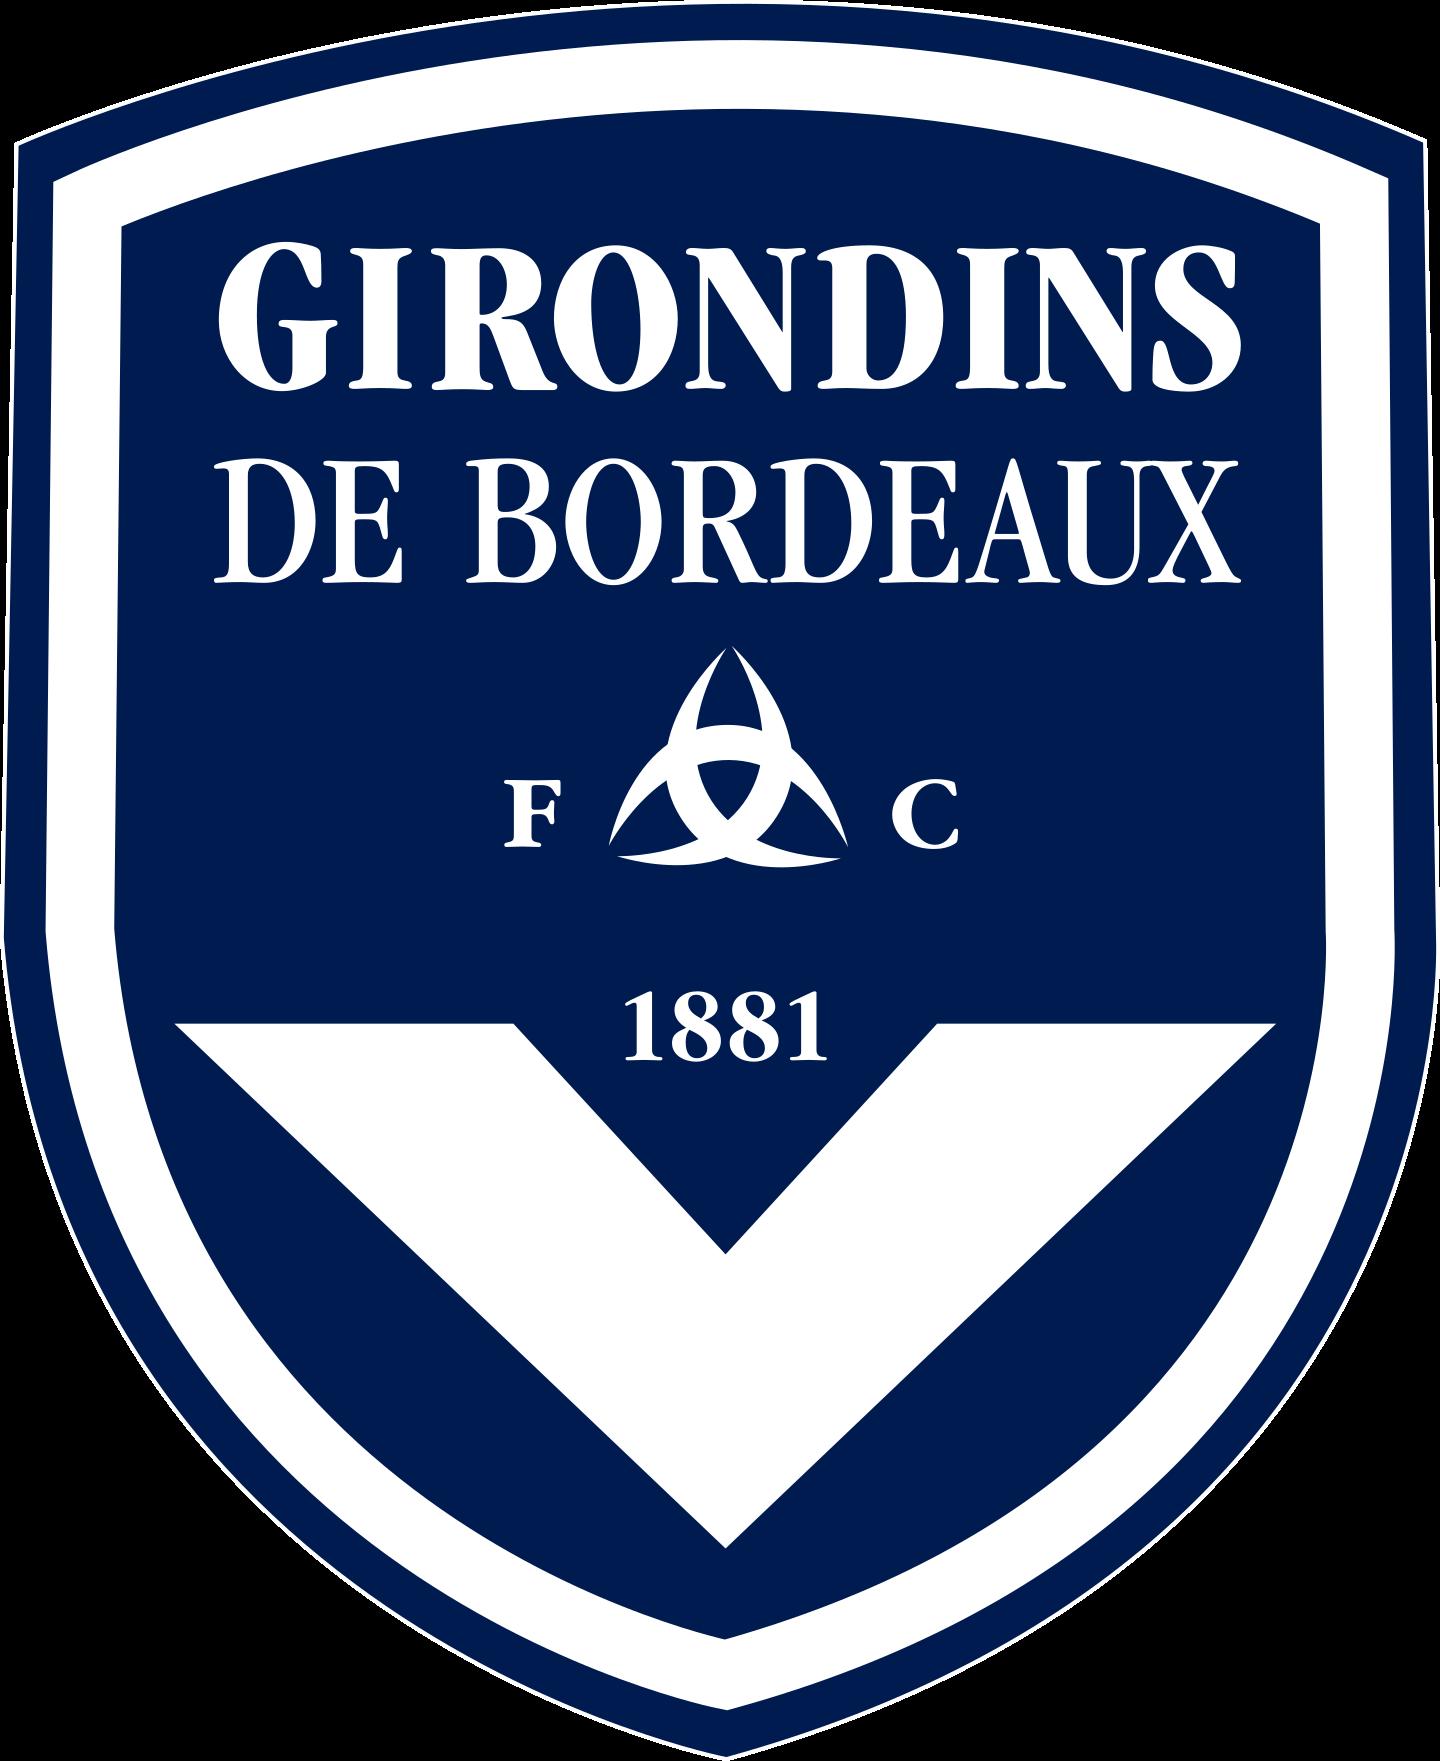 fc bordeaux logo 2 - FC Bordeaux Logo